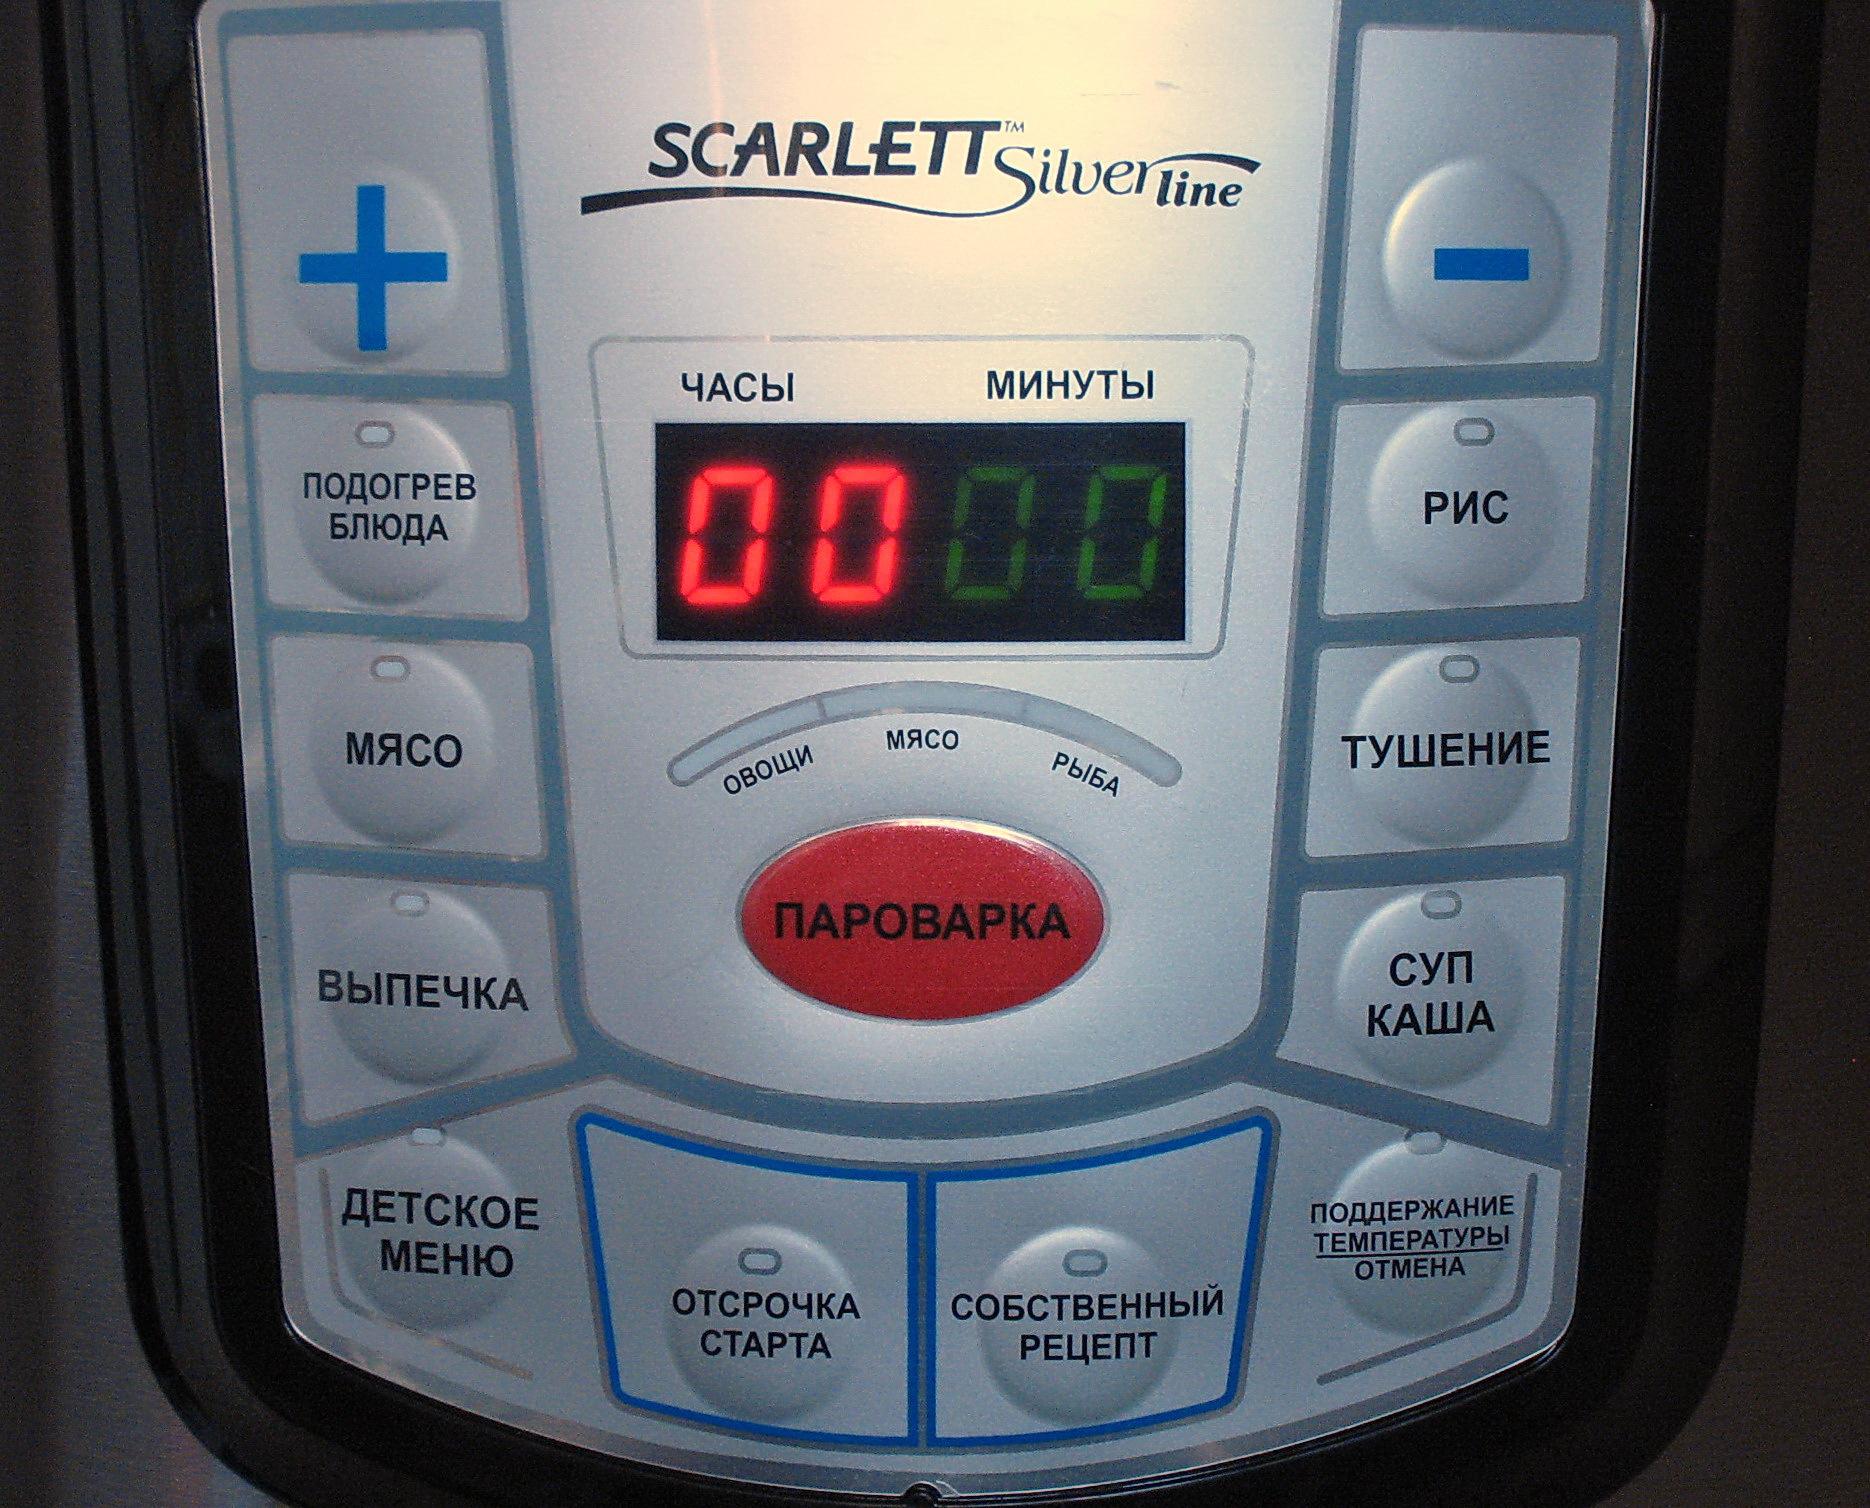 Рецепты для мультиварки скарлет sl 1529 скачать